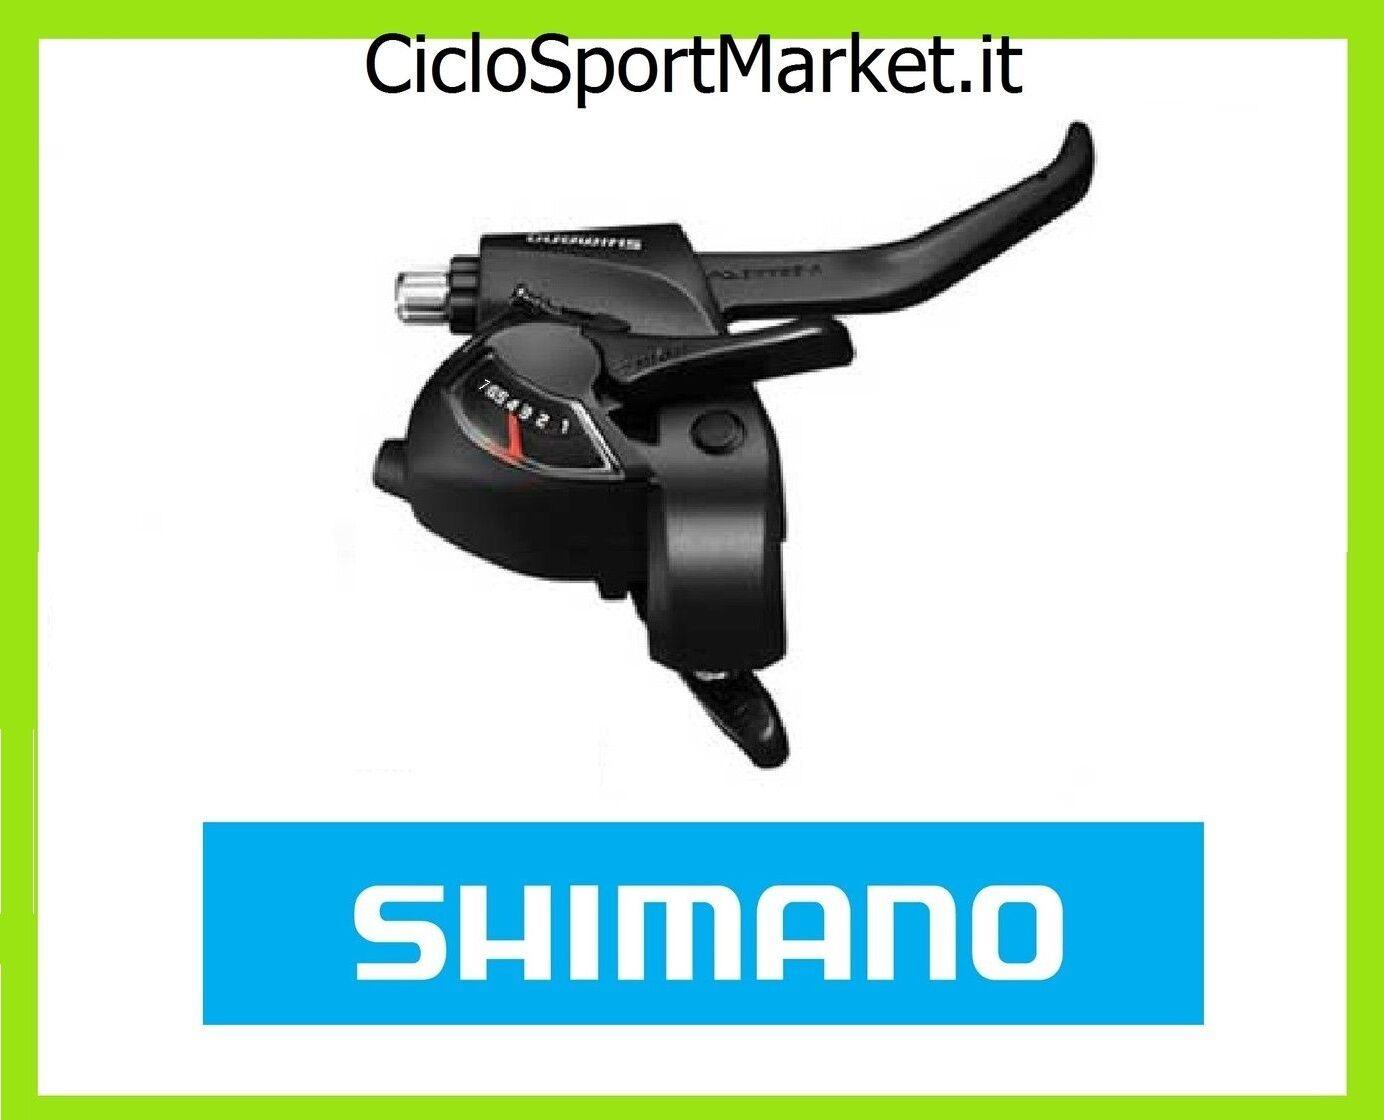 Hebel Shimano Befehl+Bremse 7 Geschwindigkeit Drähte CAMBIO einschließlich  | | | Hohe Qualität und günstig  2d1385